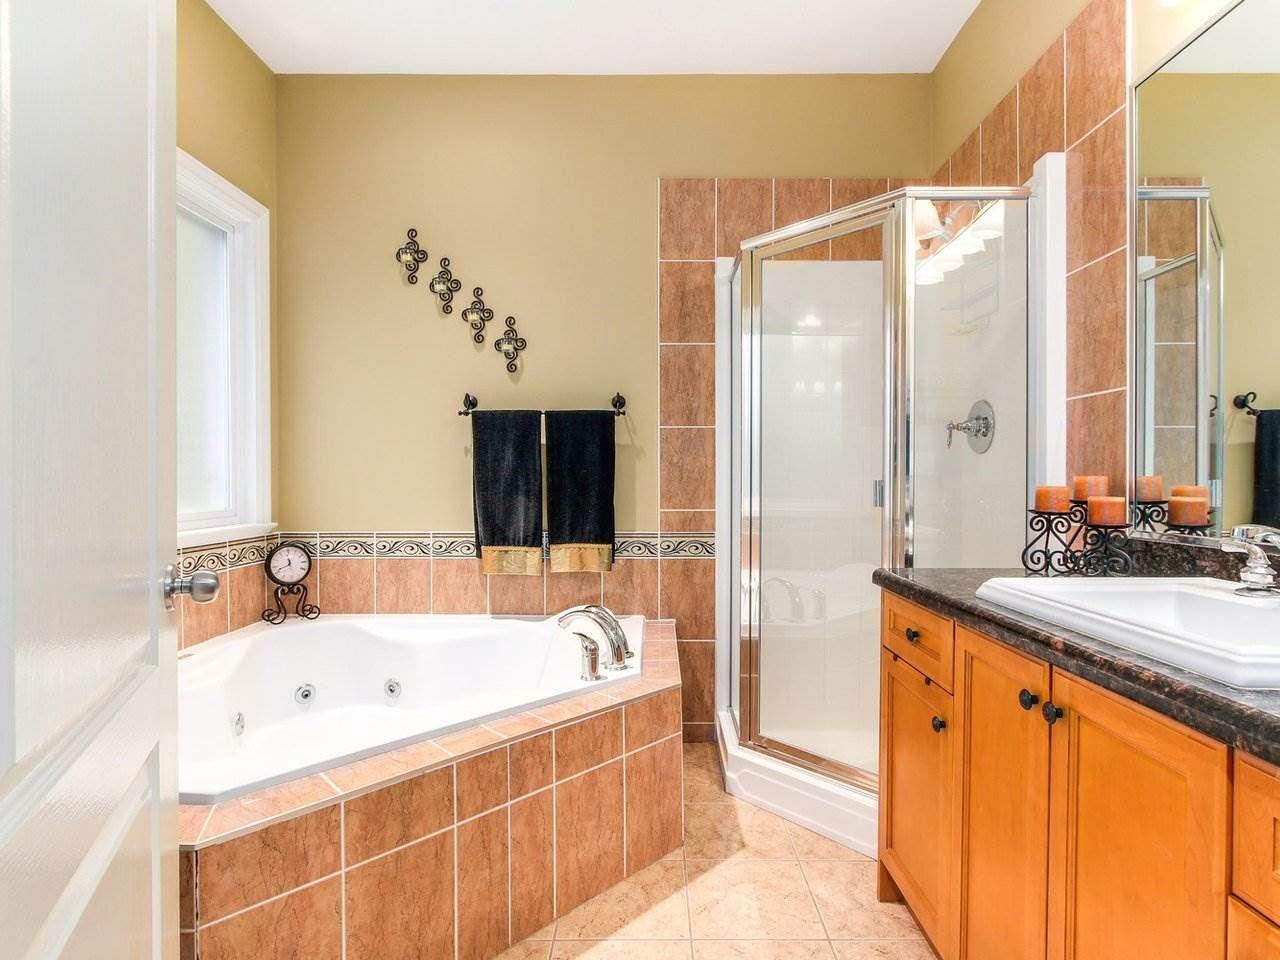 Photo 15: Photos: 725 REGAN Avenue in Coquitlam: Coquitlam West House for sale : MLS®# R2226266